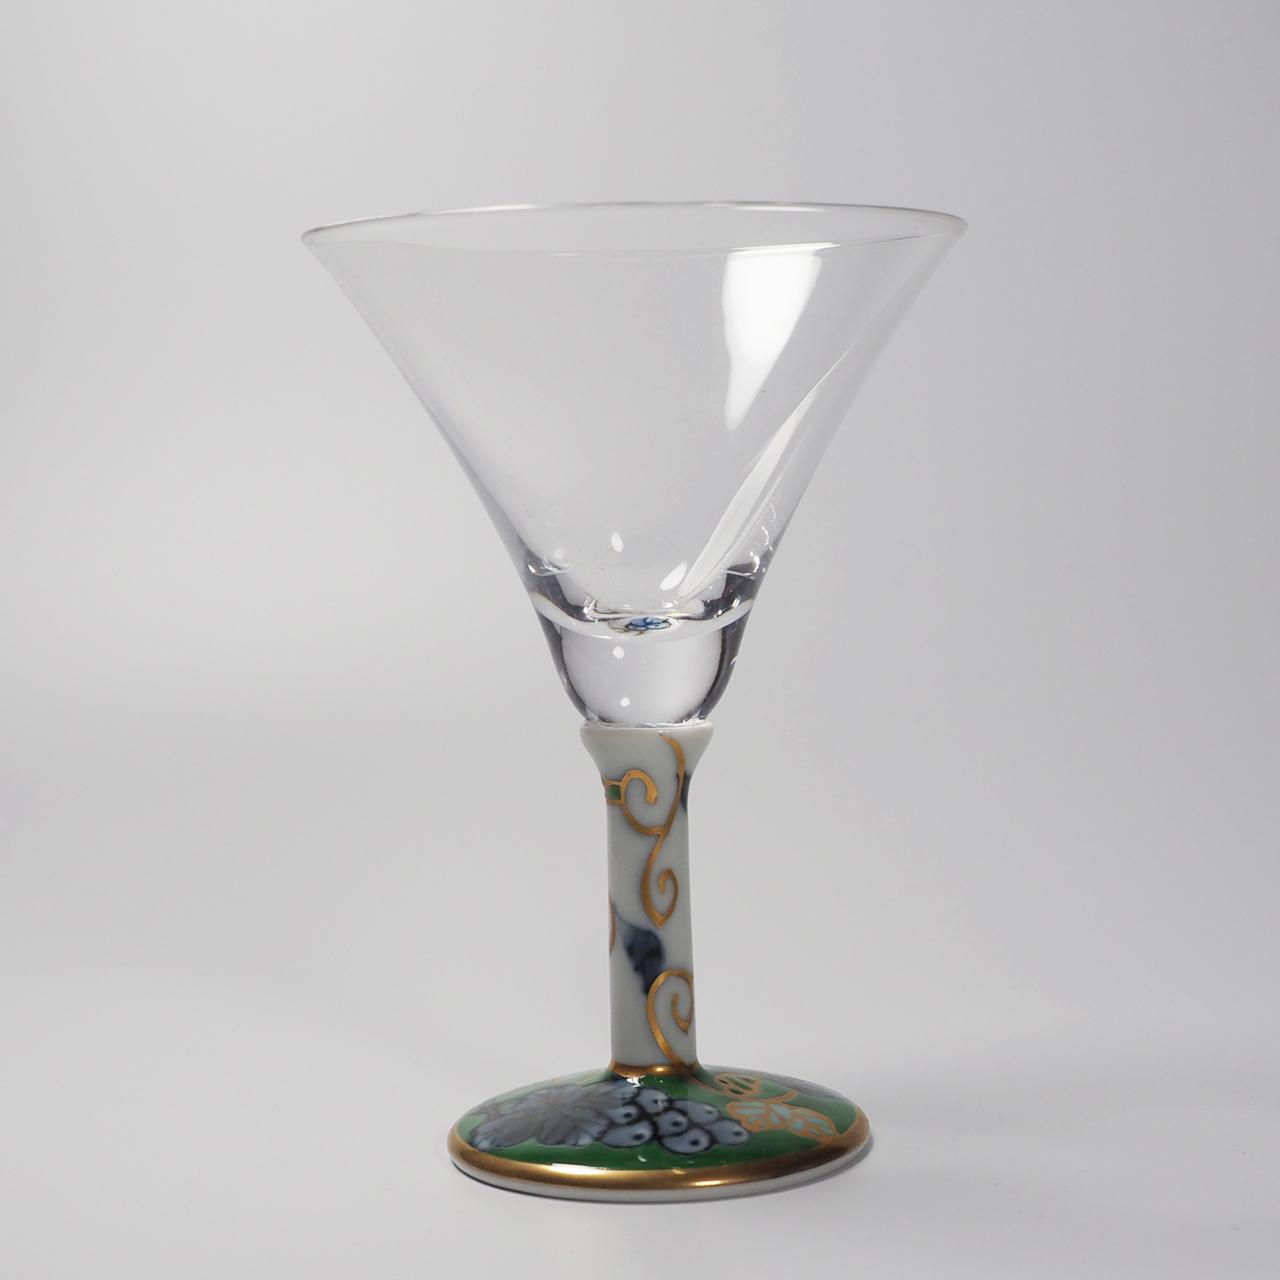 カクテルグラス (染錦葡萄グリーン) 20-004-C